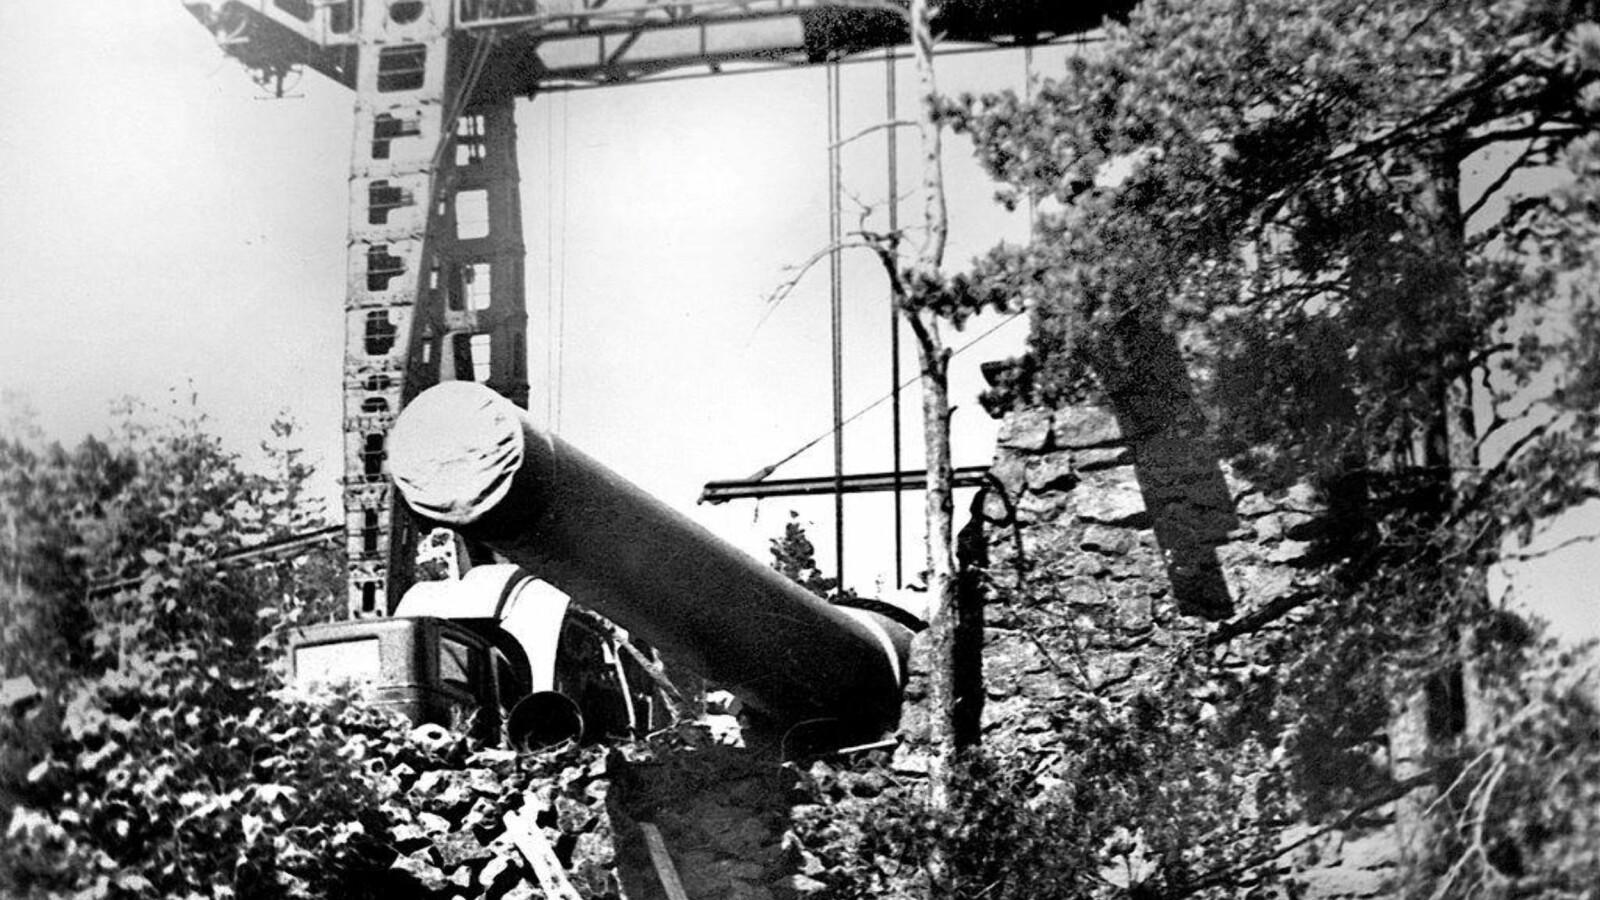 <b>KJEMPEKANON:</b> Fra Nøtterøy kunne kanonen på Vardås Fort nå helt til svenskegrensen